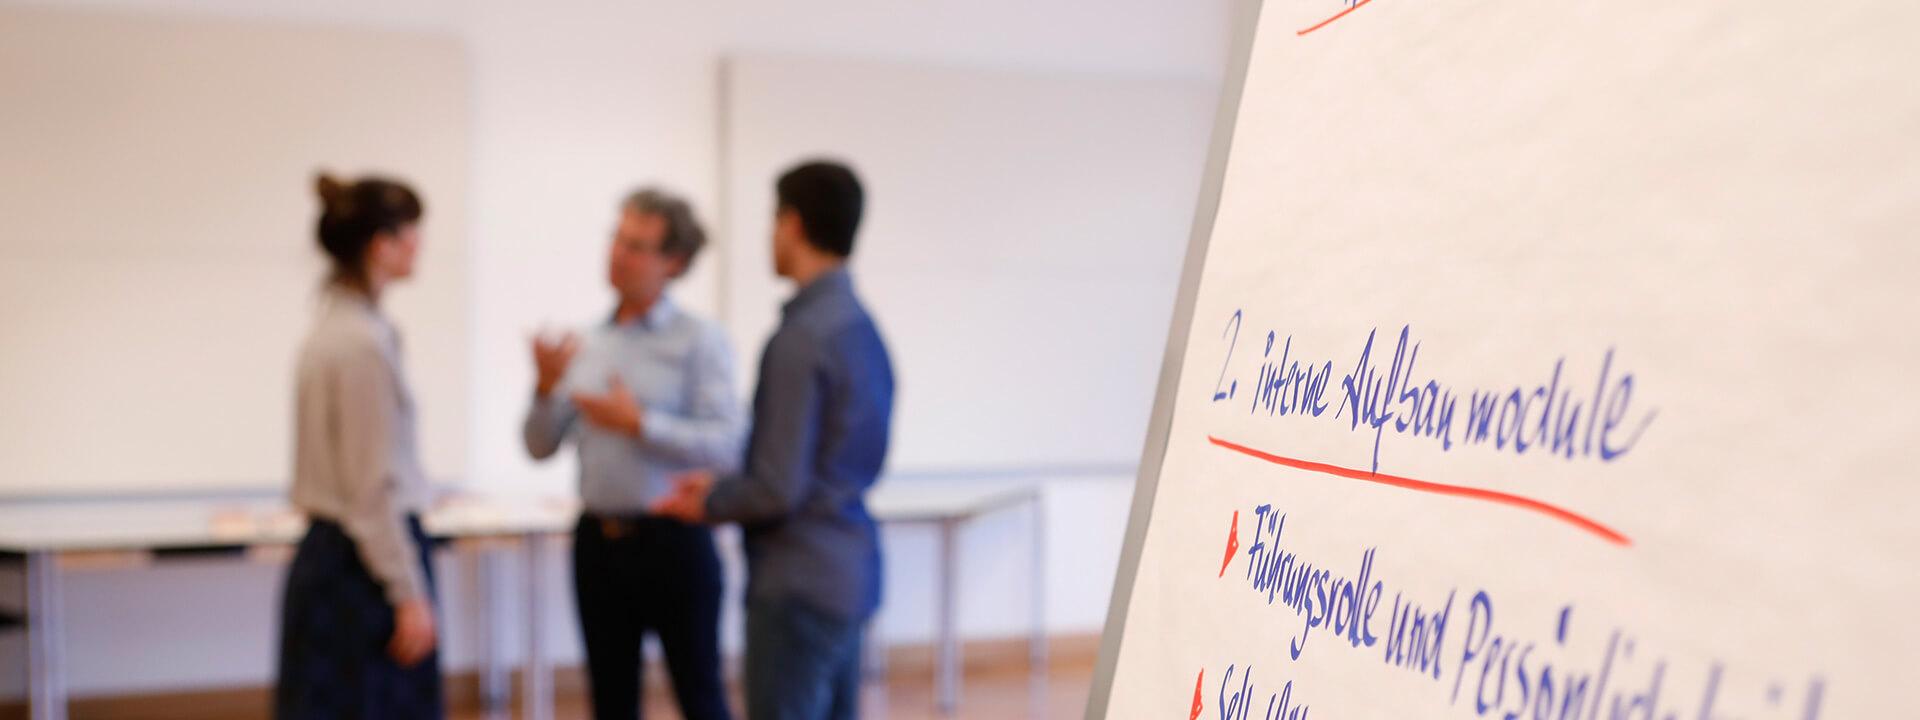 Bild: Coaching, Ausbildung, Persönlichkeitsentwicklung, Achtsamkeit, Emotionale Intelligenz, Veränderungsprozess